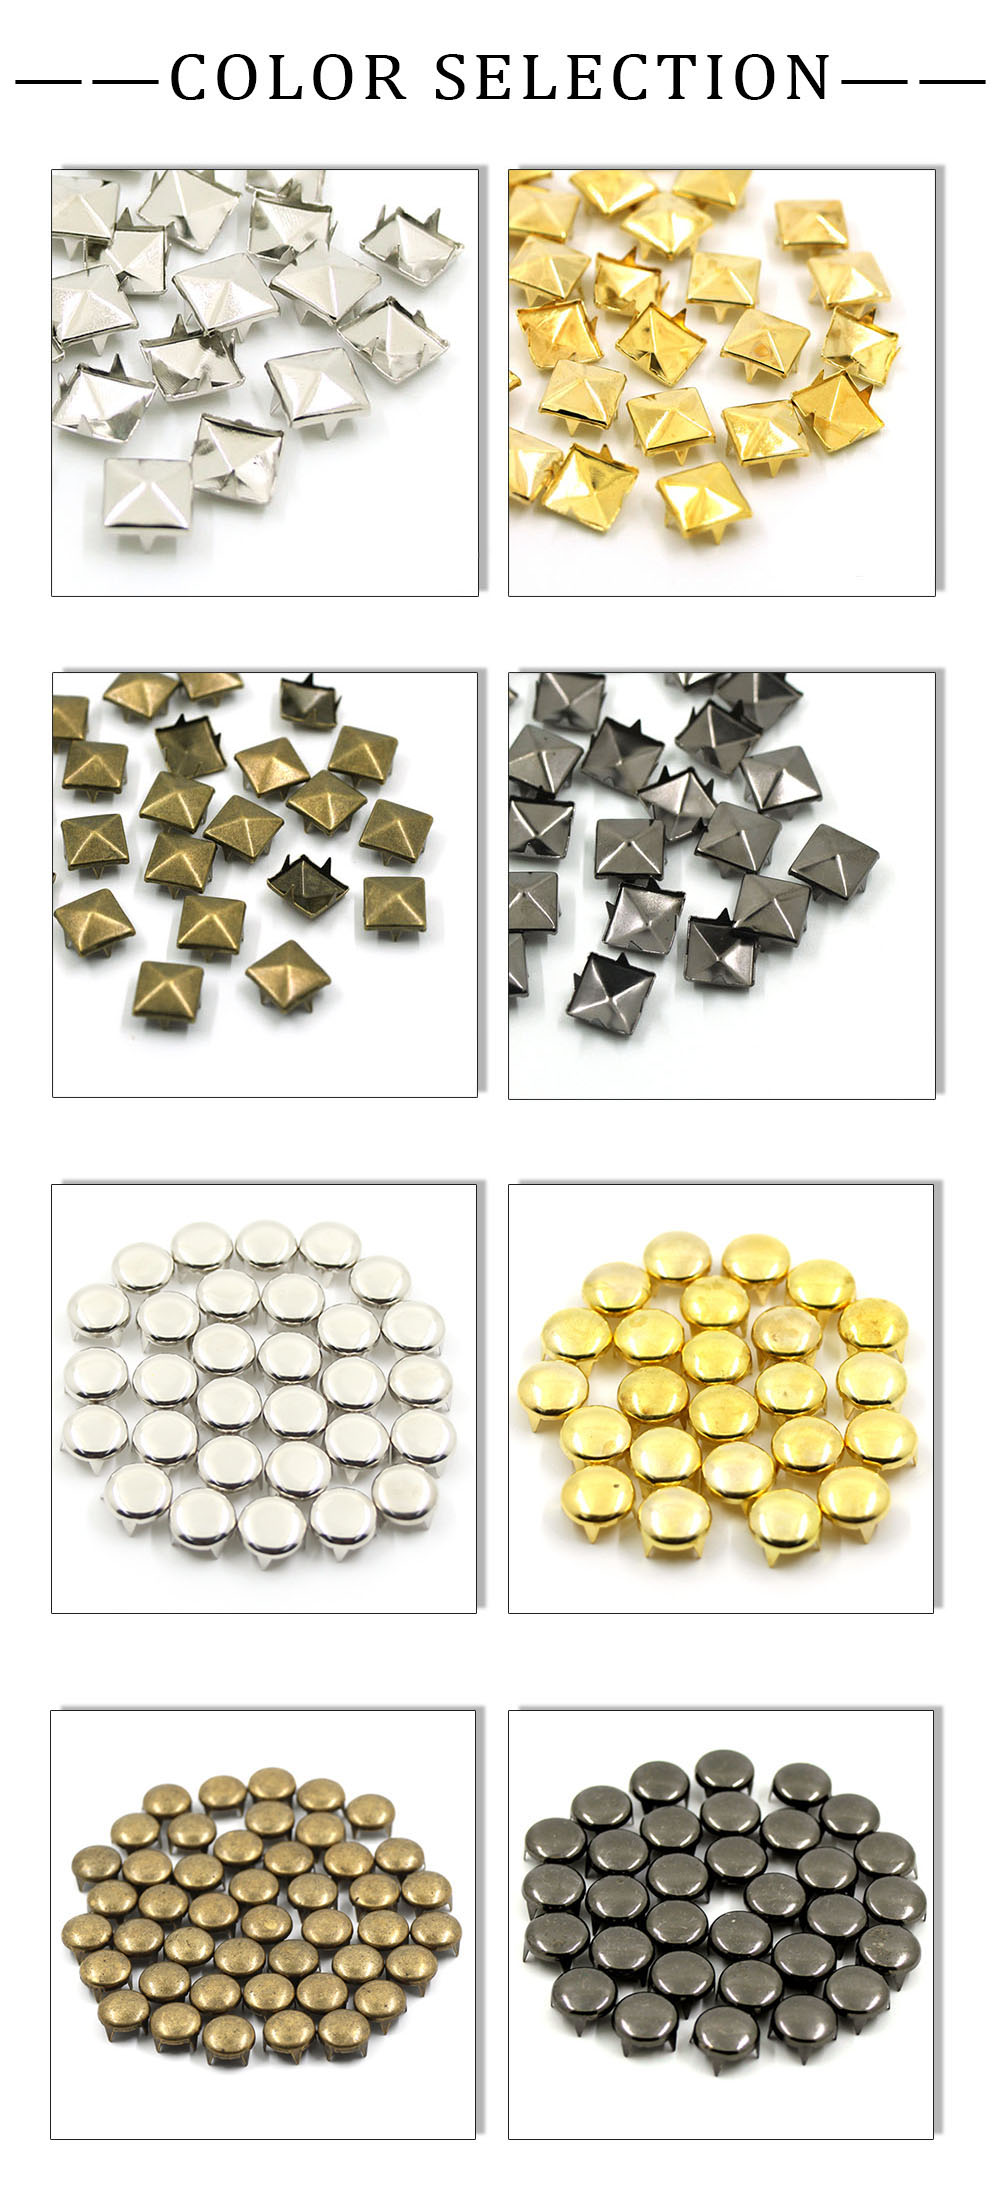 100pcs 6-12mm 4 rivets /à griffe carr/é//rond en m/étal clous /à pointes rivets pyramidaux pour pointes en cuir sur les v/êtements//chaussures//sacs//ceinture punk bricolage 6 mm bronze carr/é